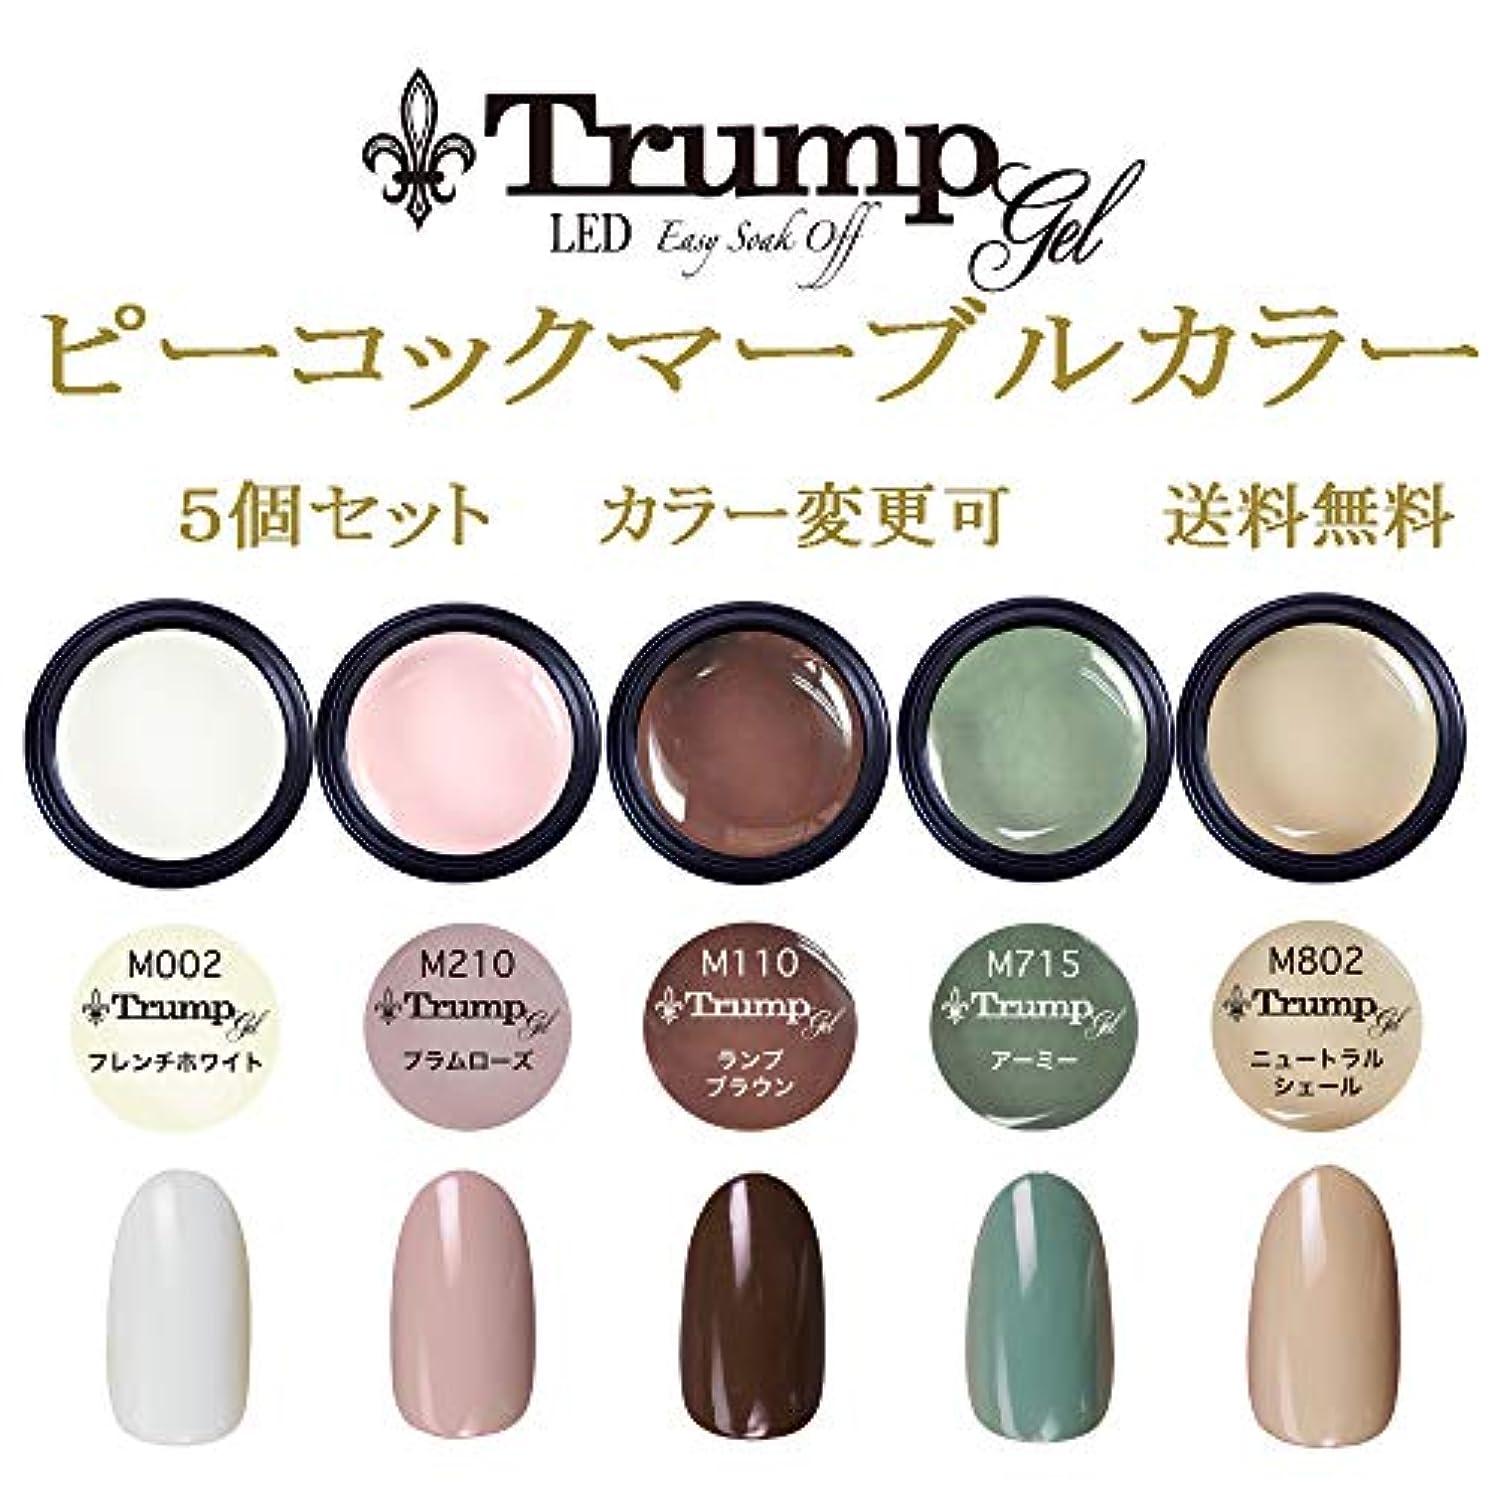 五十詩人方言【送料無料】日本製 Trump gel トランプジェル ピーコックマーブル カラージェル 5個セット 魅惑のフロストマットトップとマットに合う人気カラーをチョイス